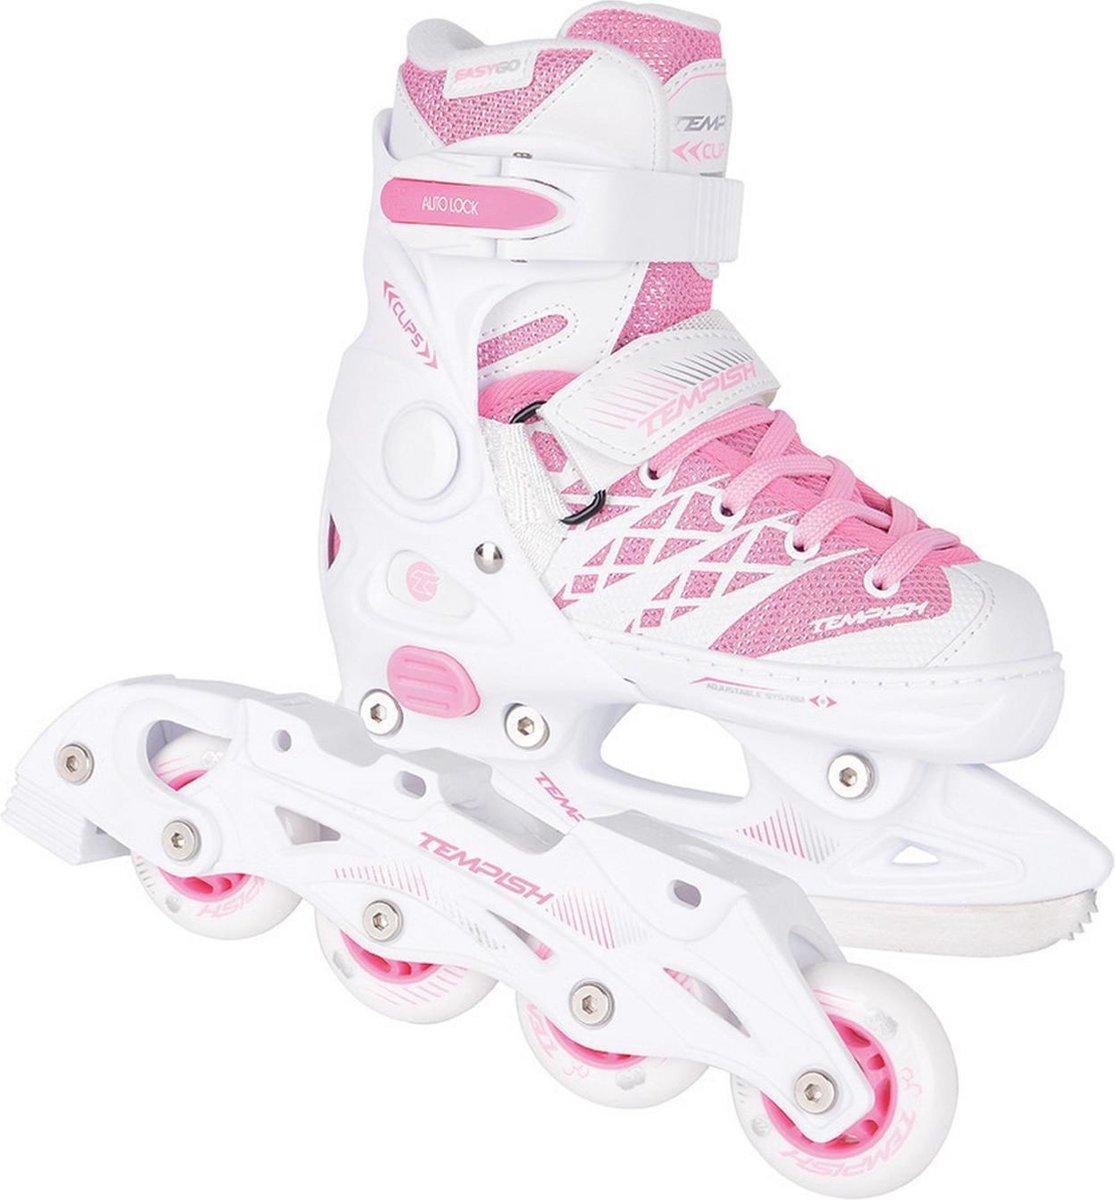 Tempish Kunstschaatsen/skates verstelbaar CLIPS DUO Meisjes Wit/Roze 37-40